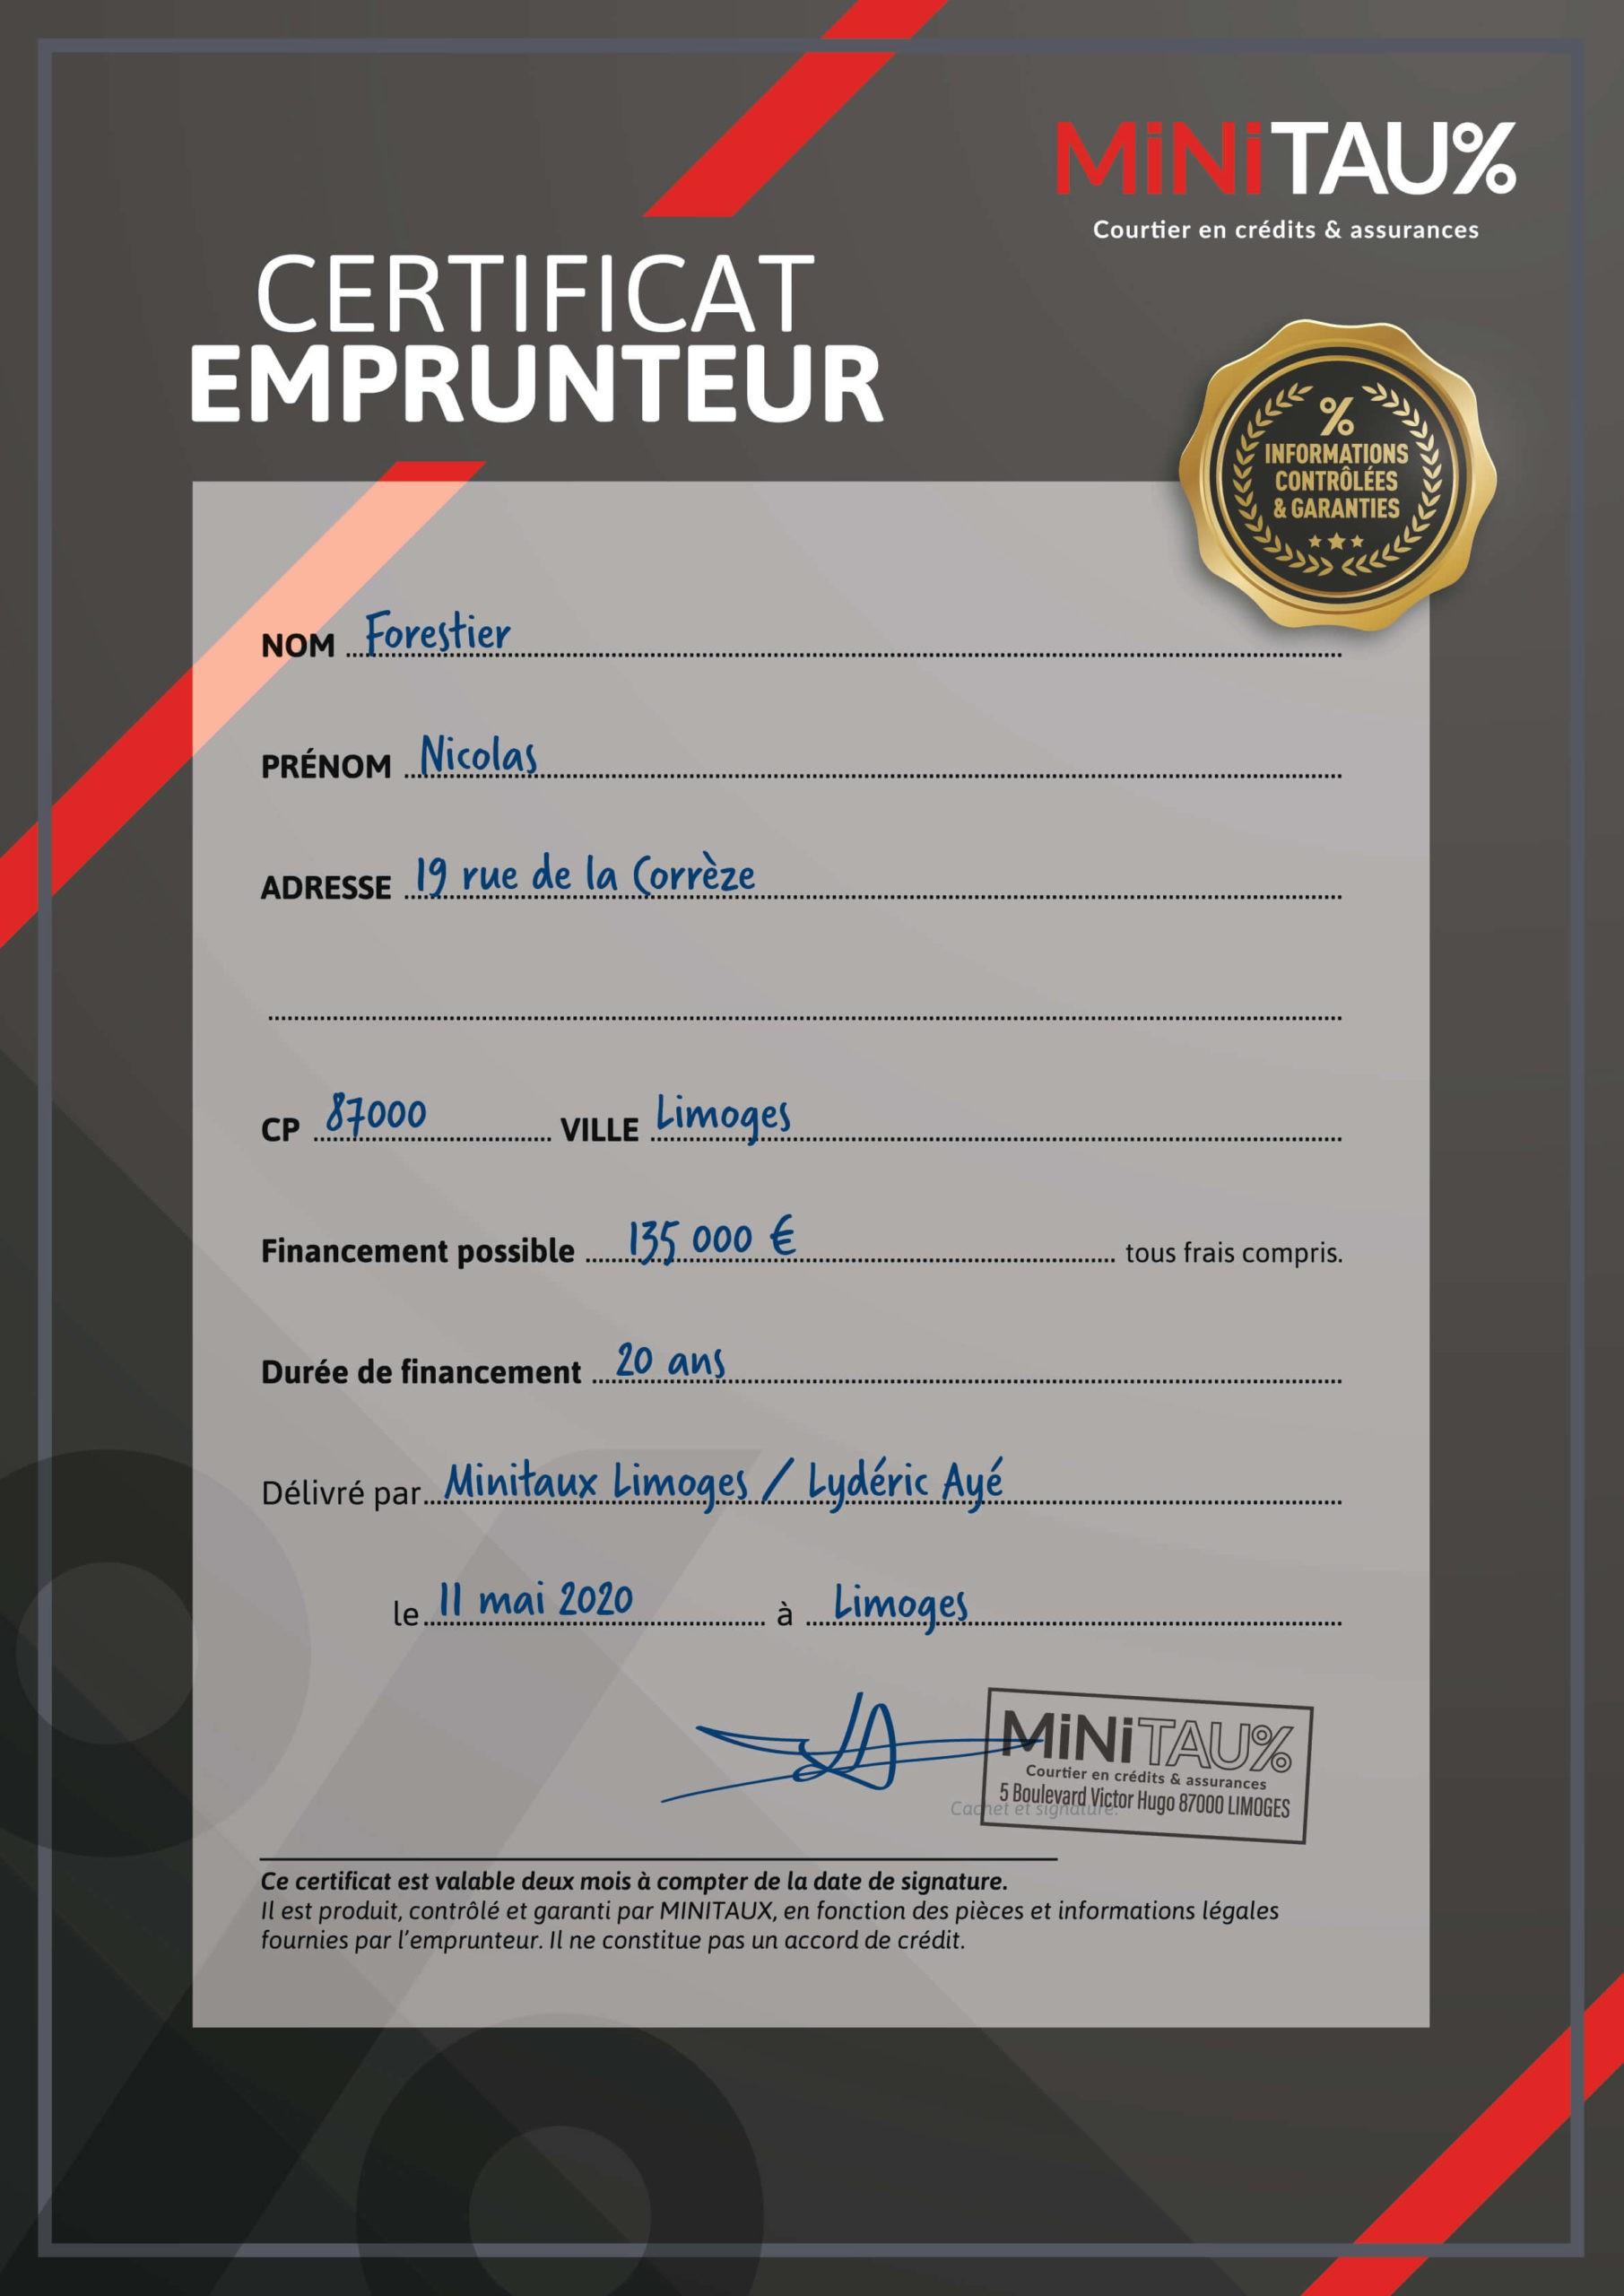 certificat-emprunteur-exemple